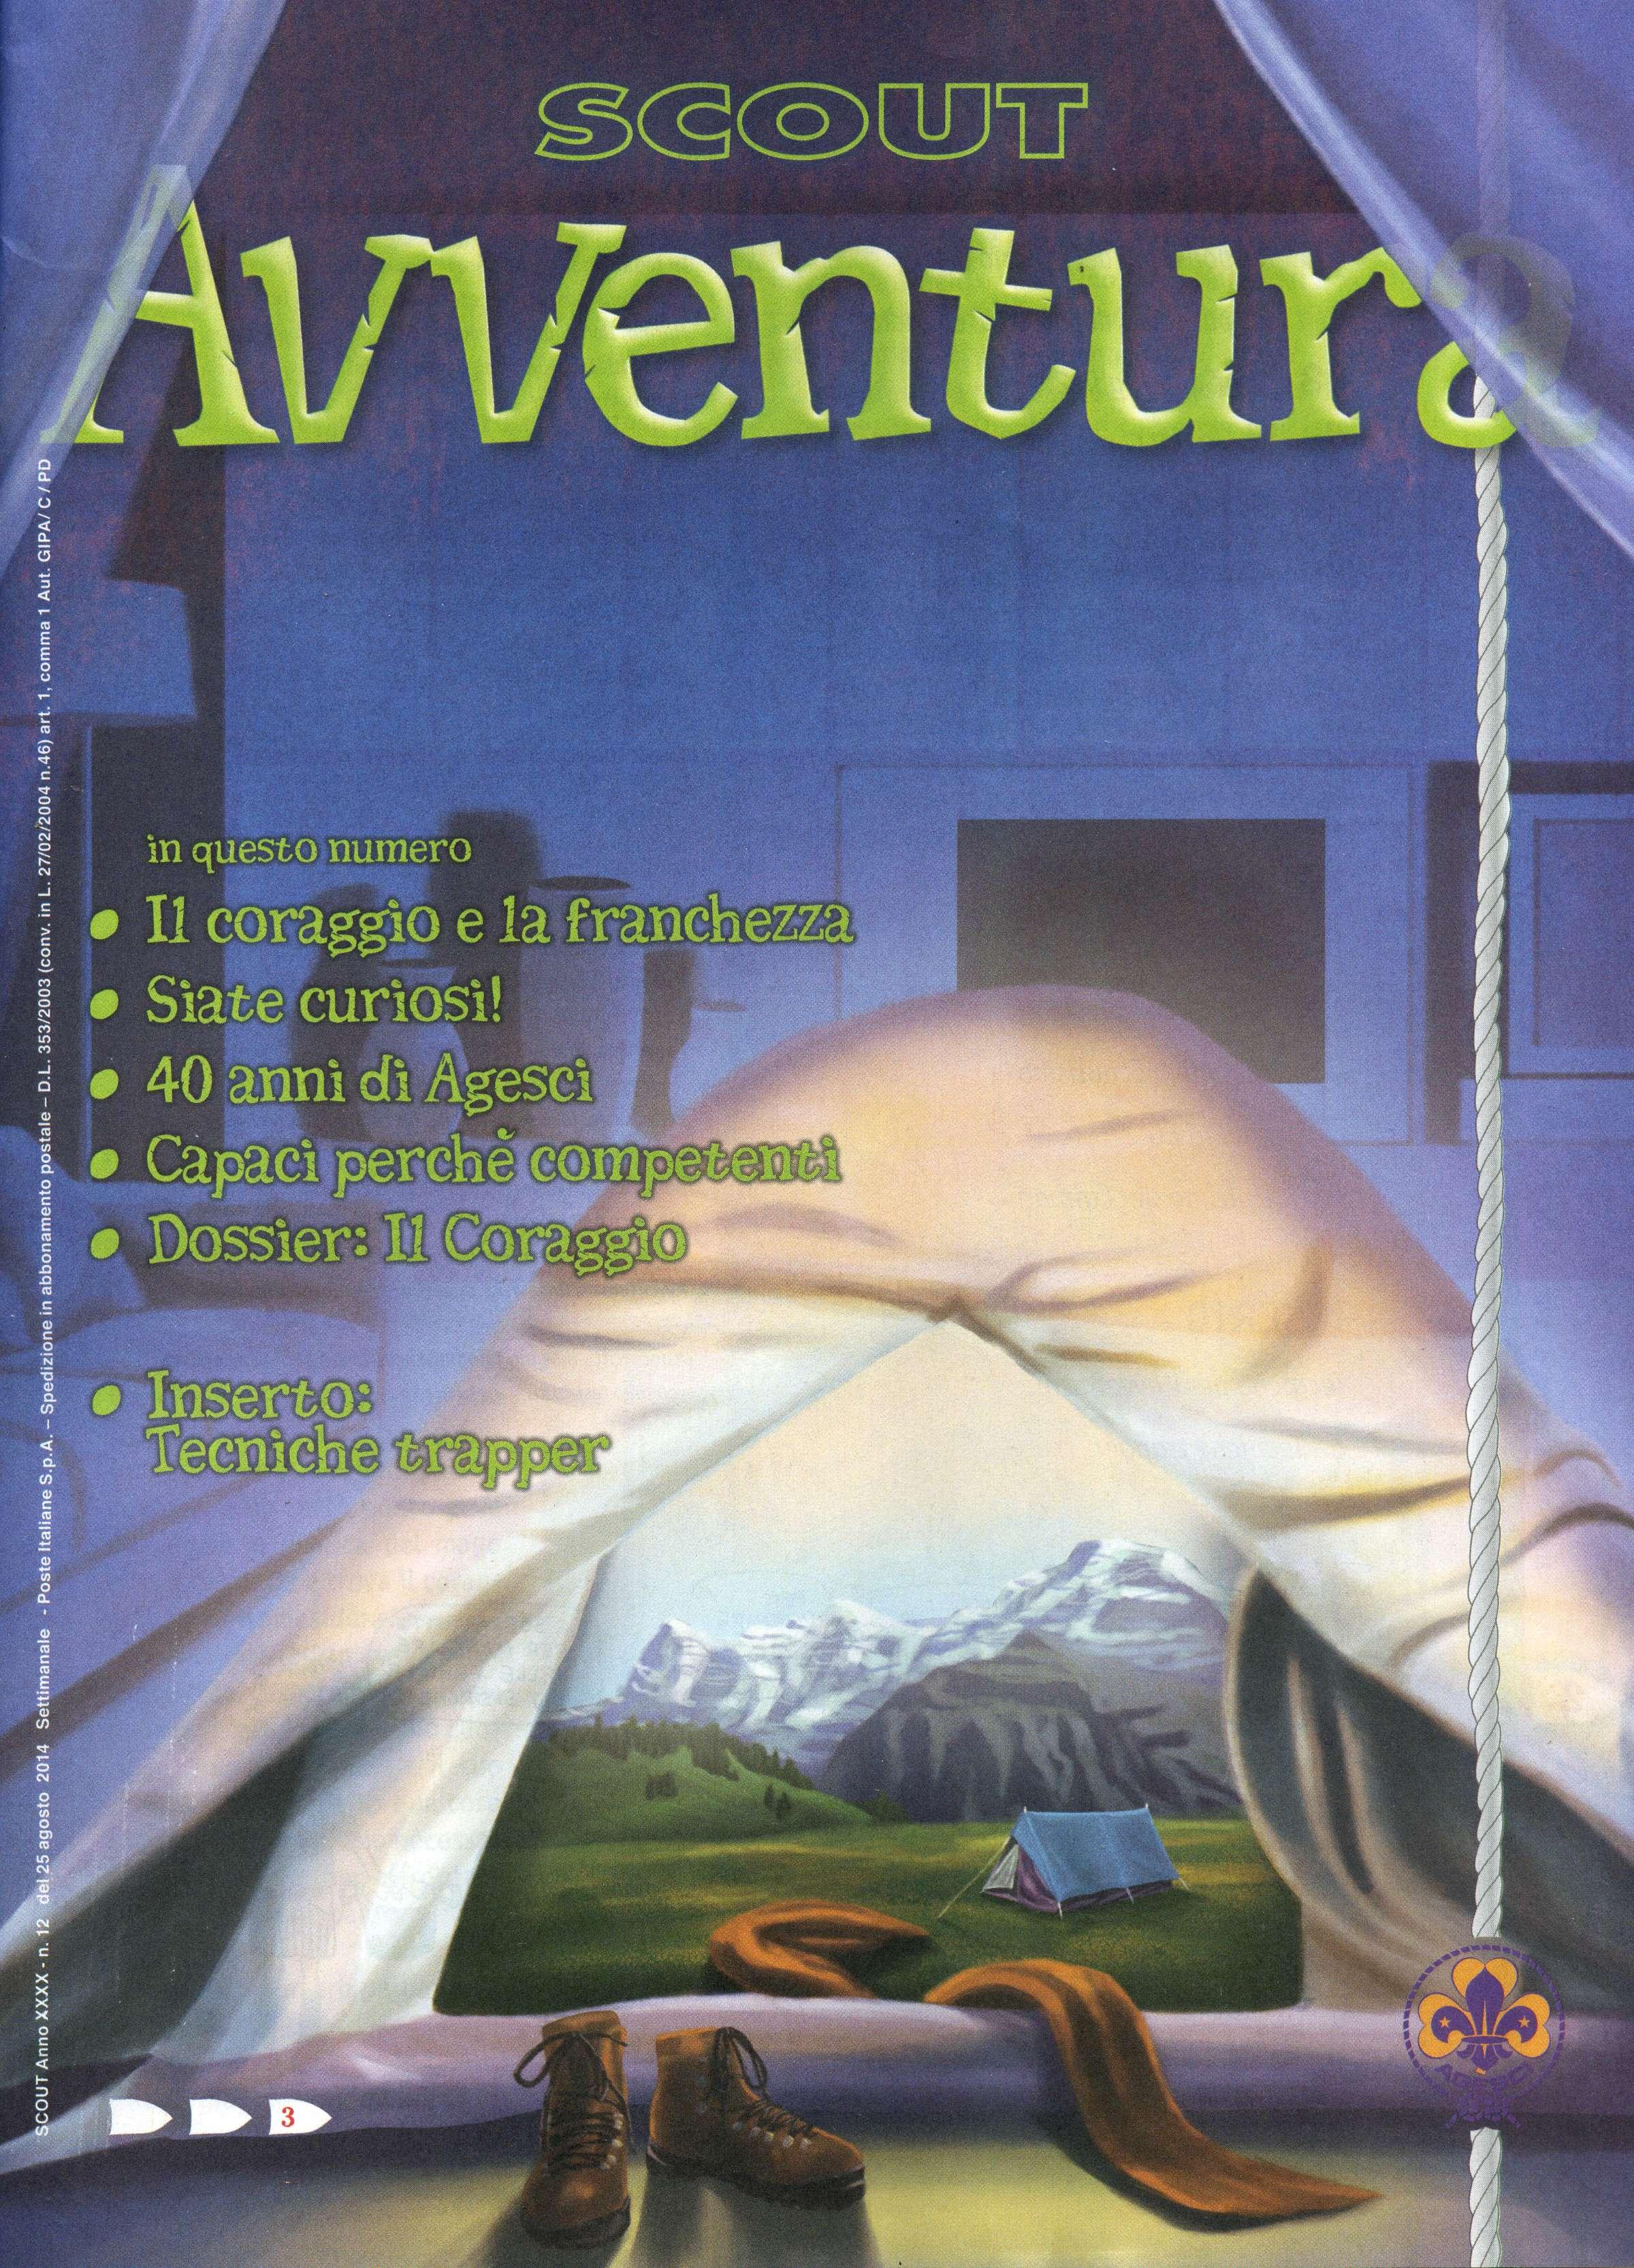 Scout Avventura 3/2014